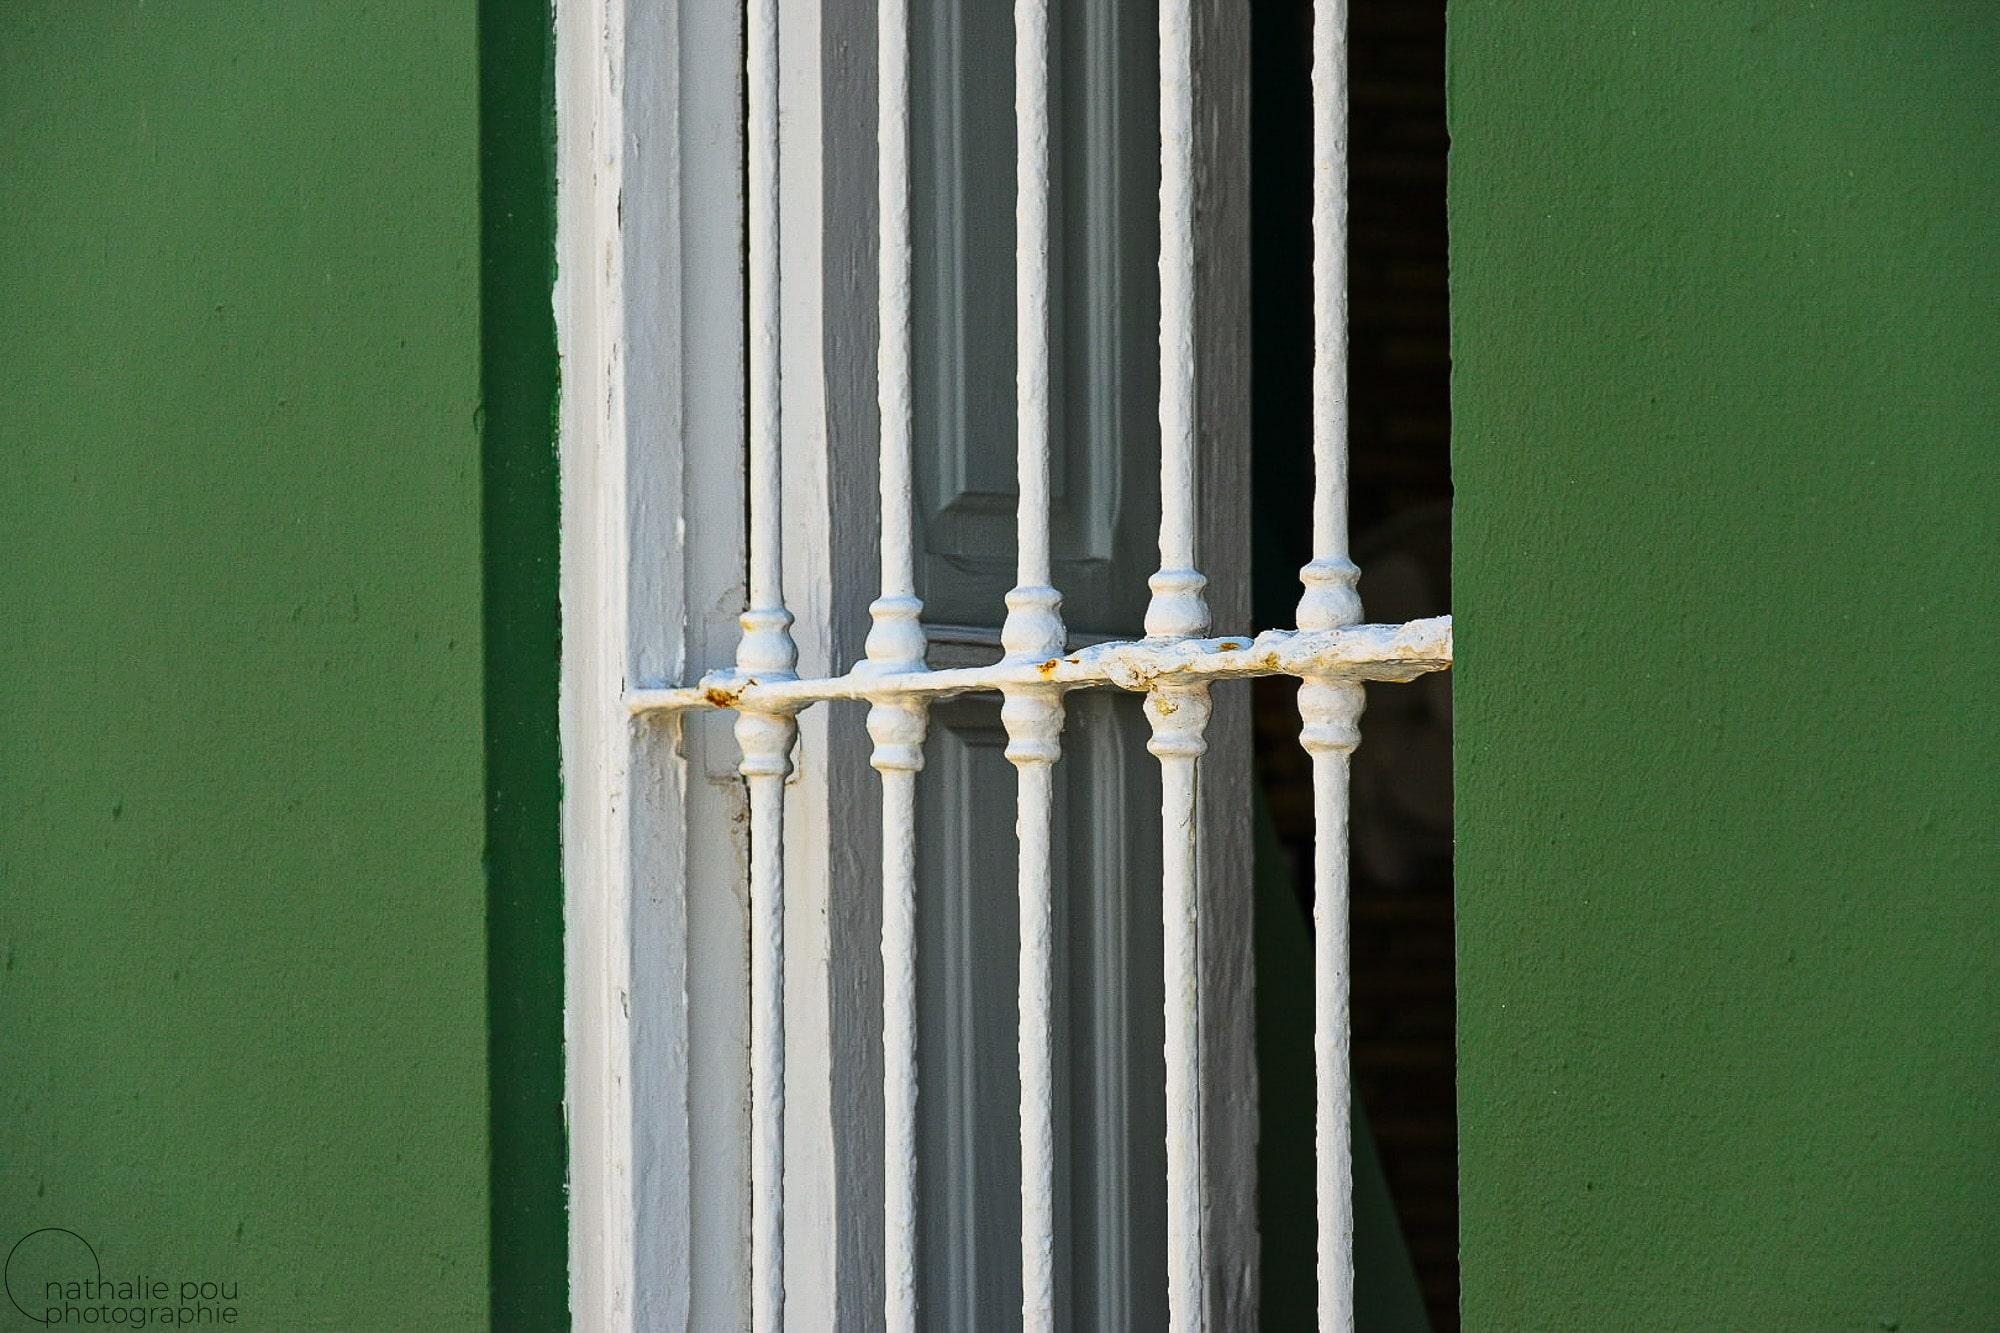 Derrière les barreaux Photographie Nathalie Pou